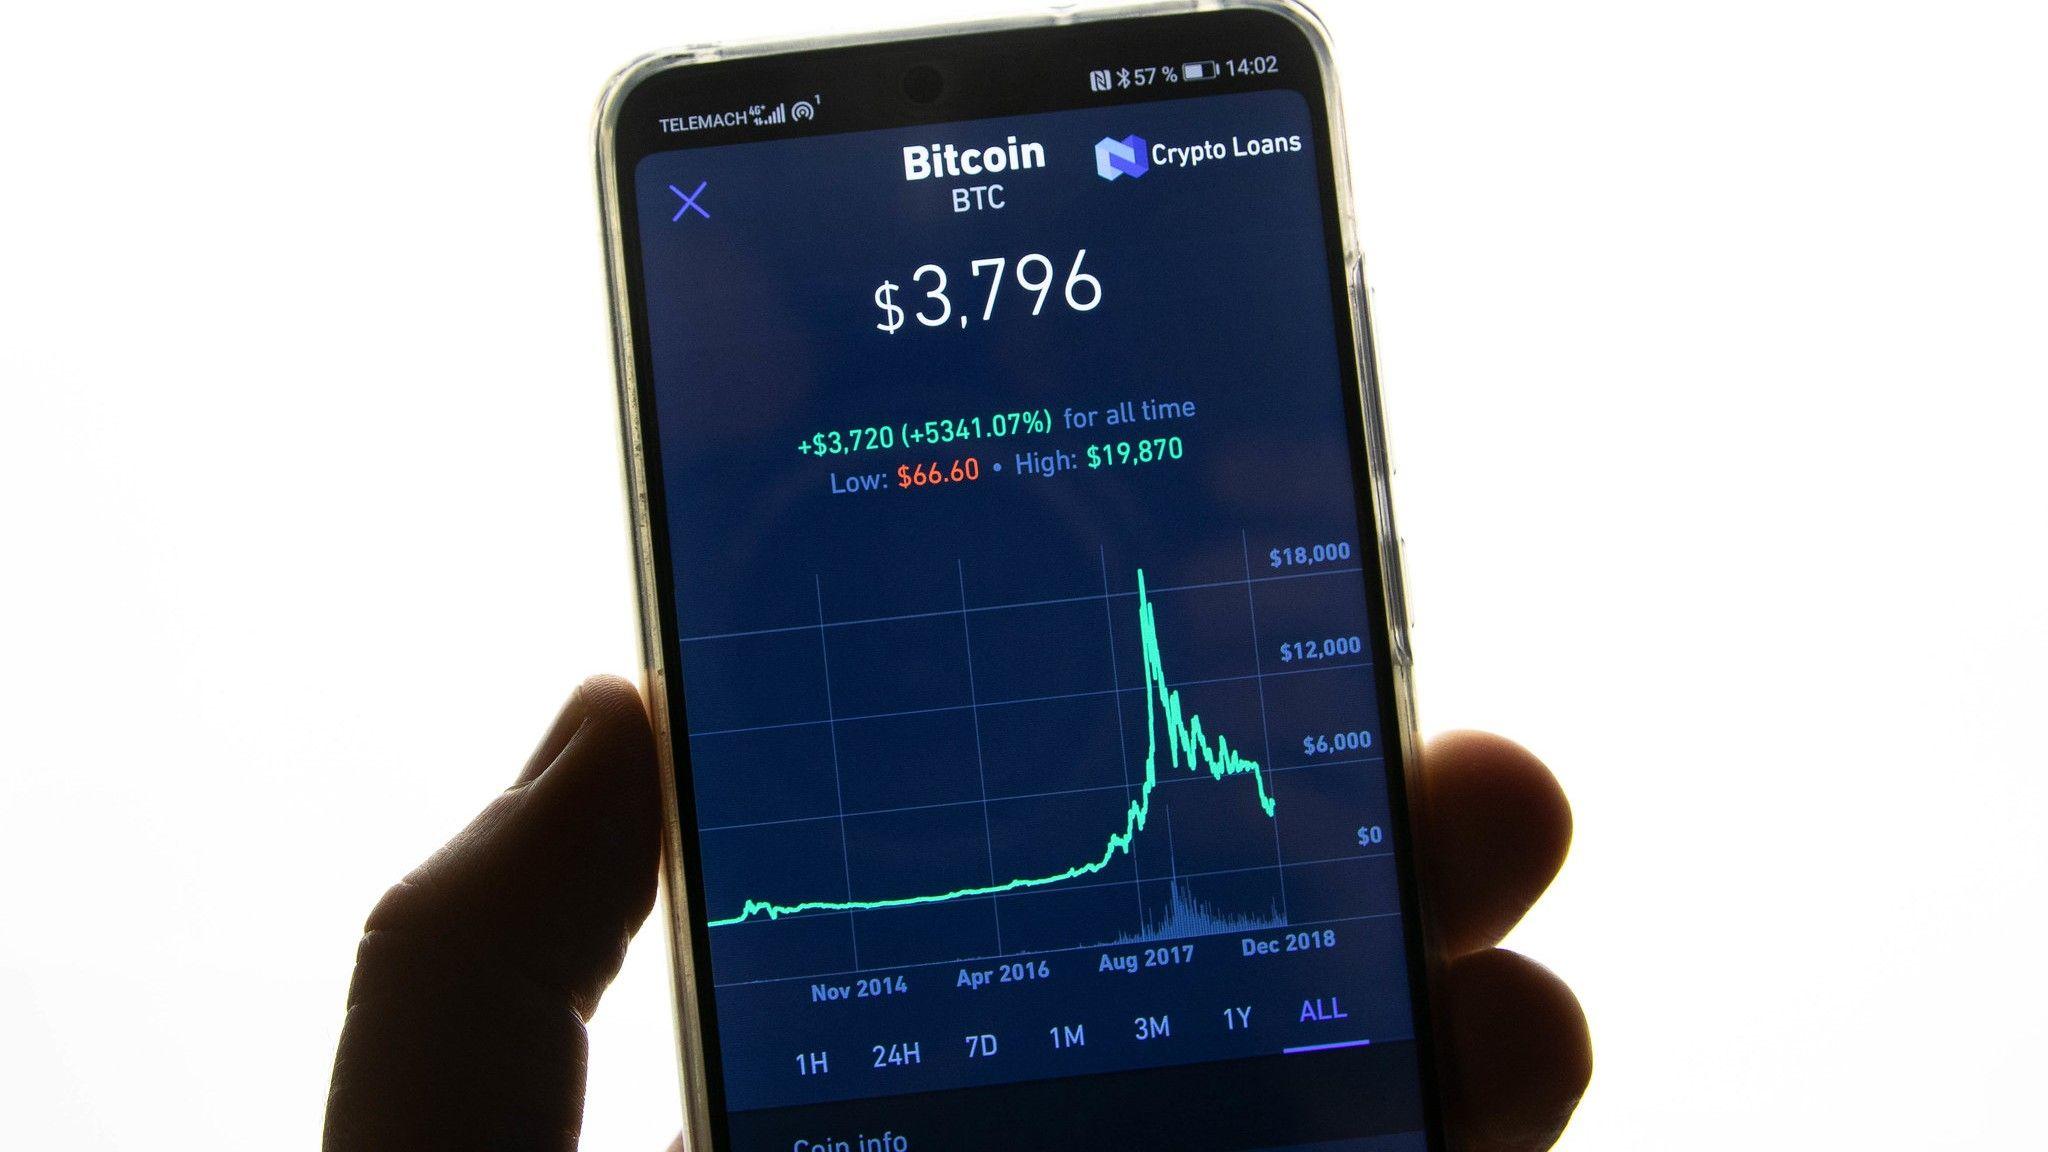 ビットコイン急騰、一頭の「クジラ」原因だった?